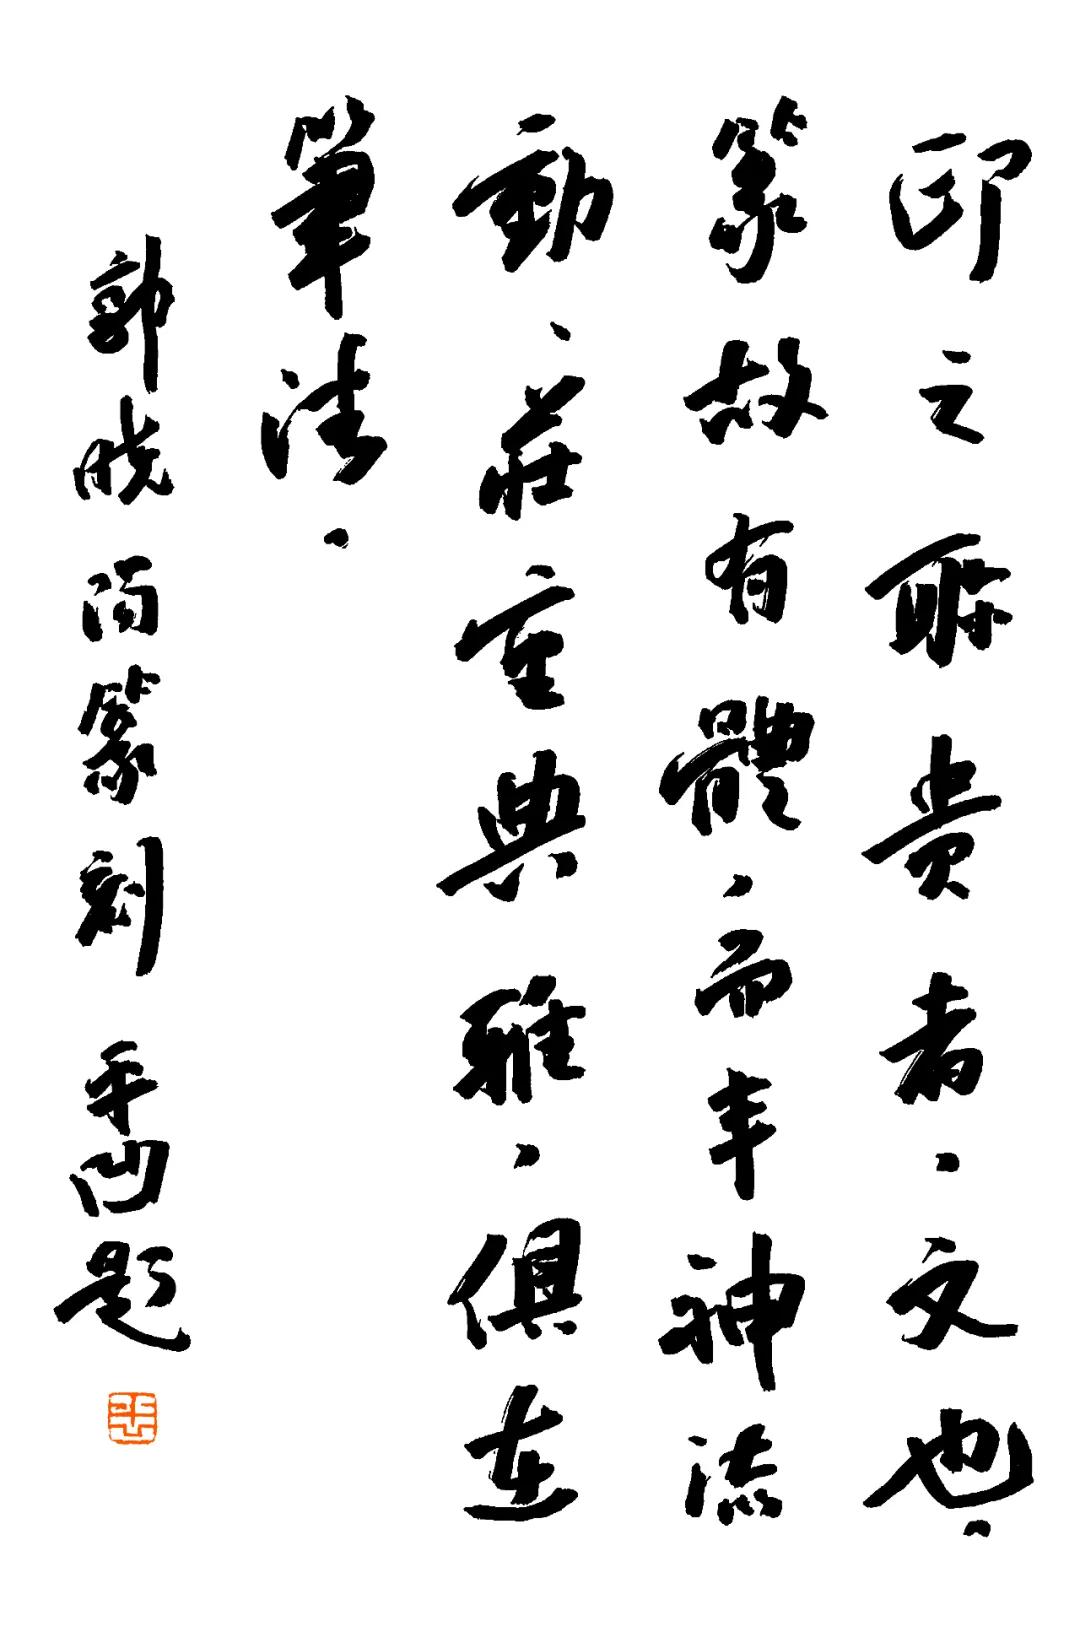 孙见喜:晓阳篆刻